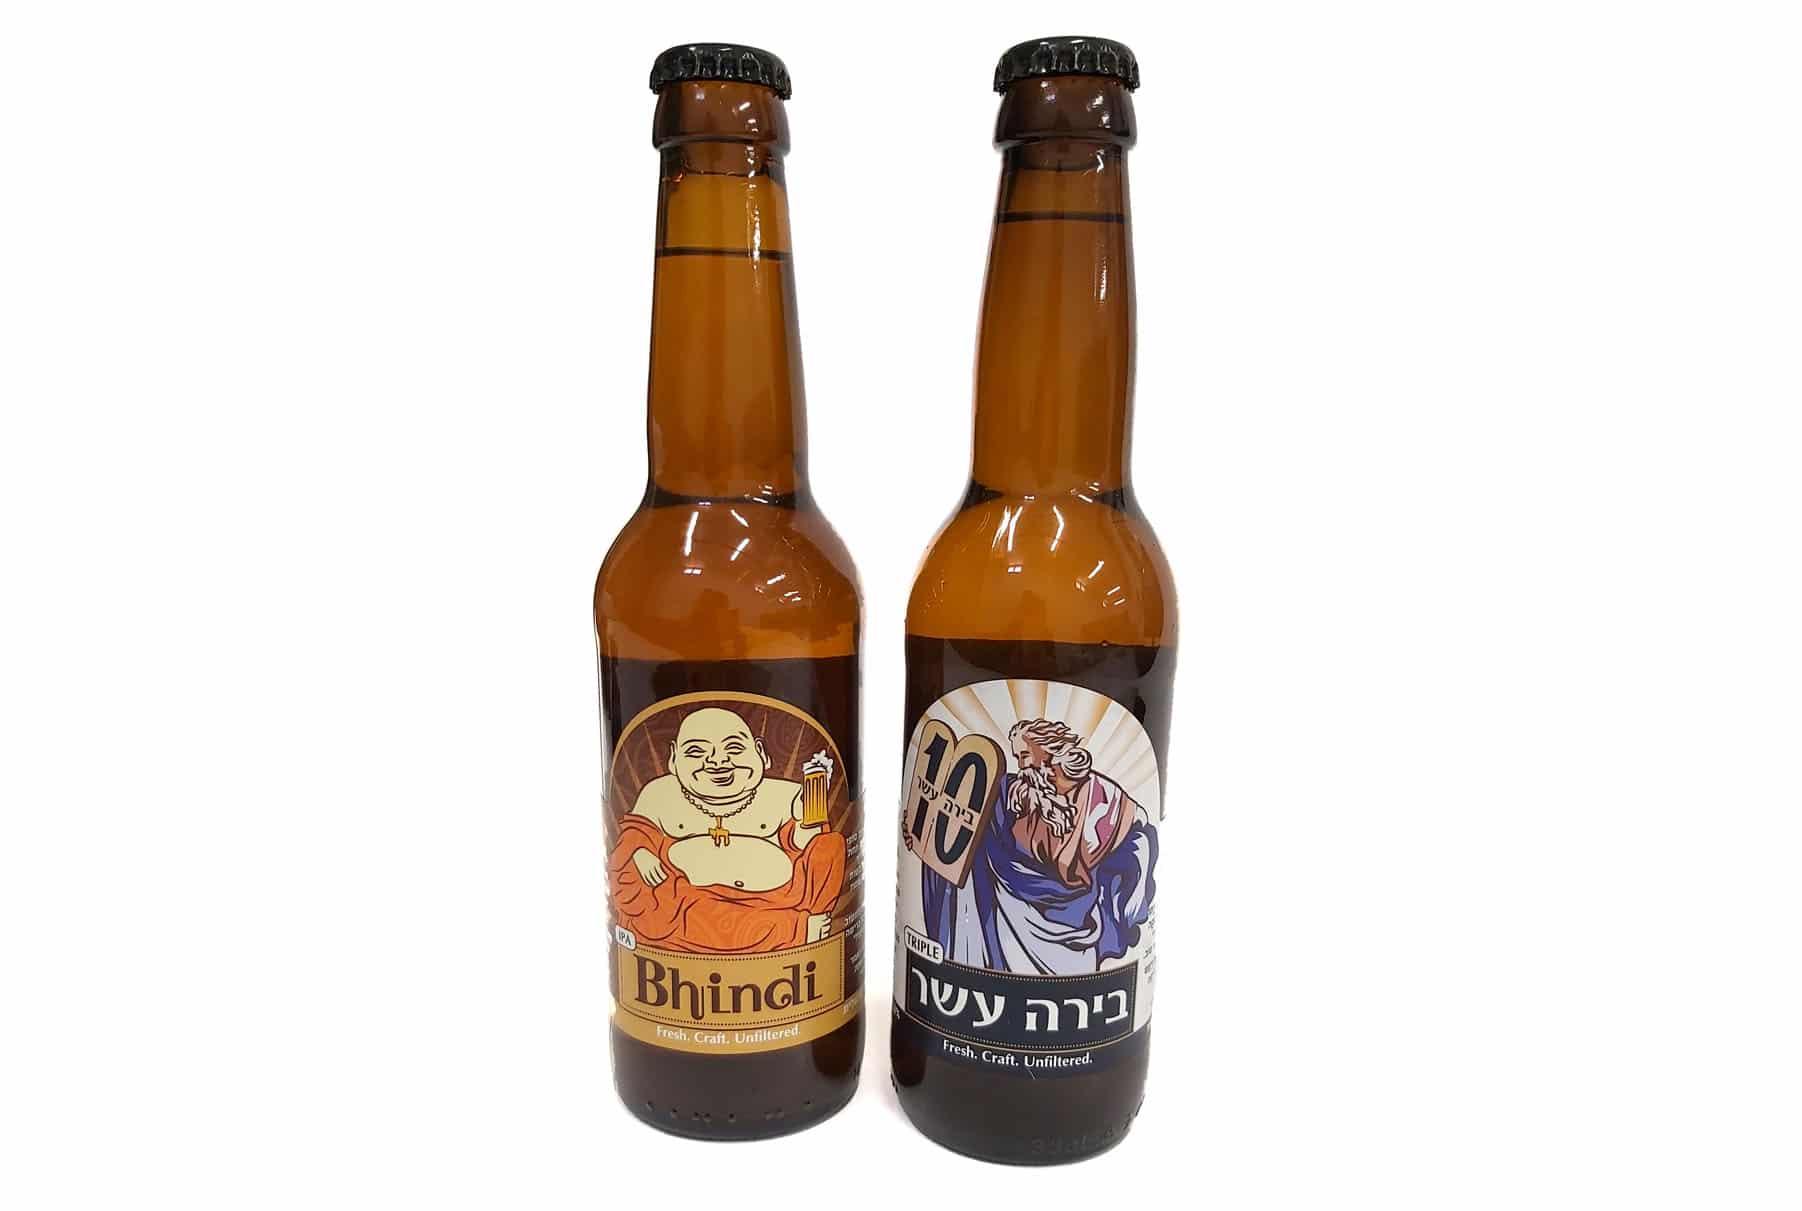 הדפסת מדבקות לבקבוקי בירה - BHINDI ובירה עשר